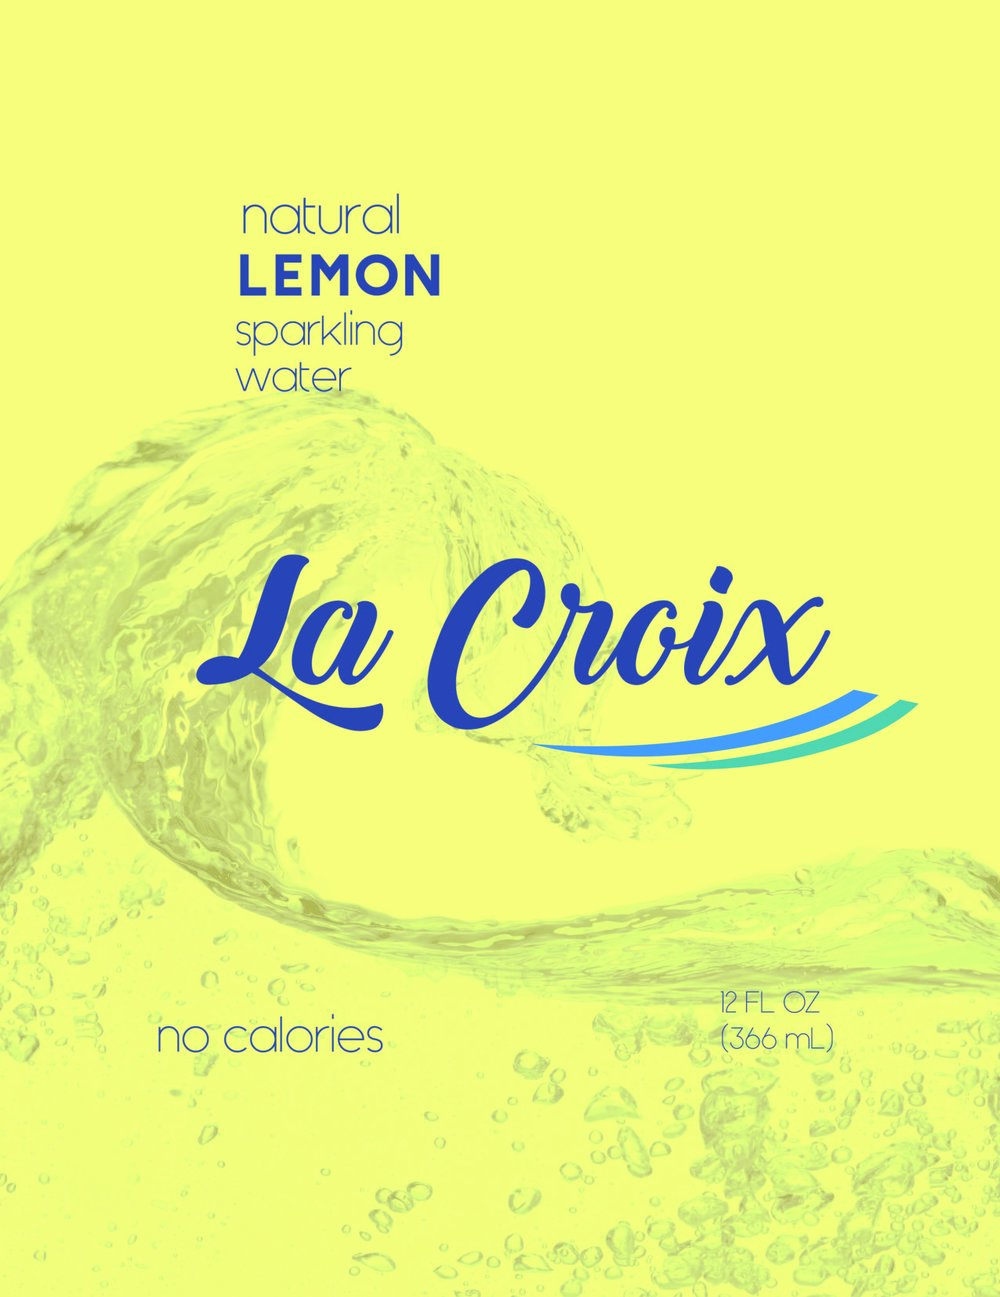 la croix lemon-01.jpg